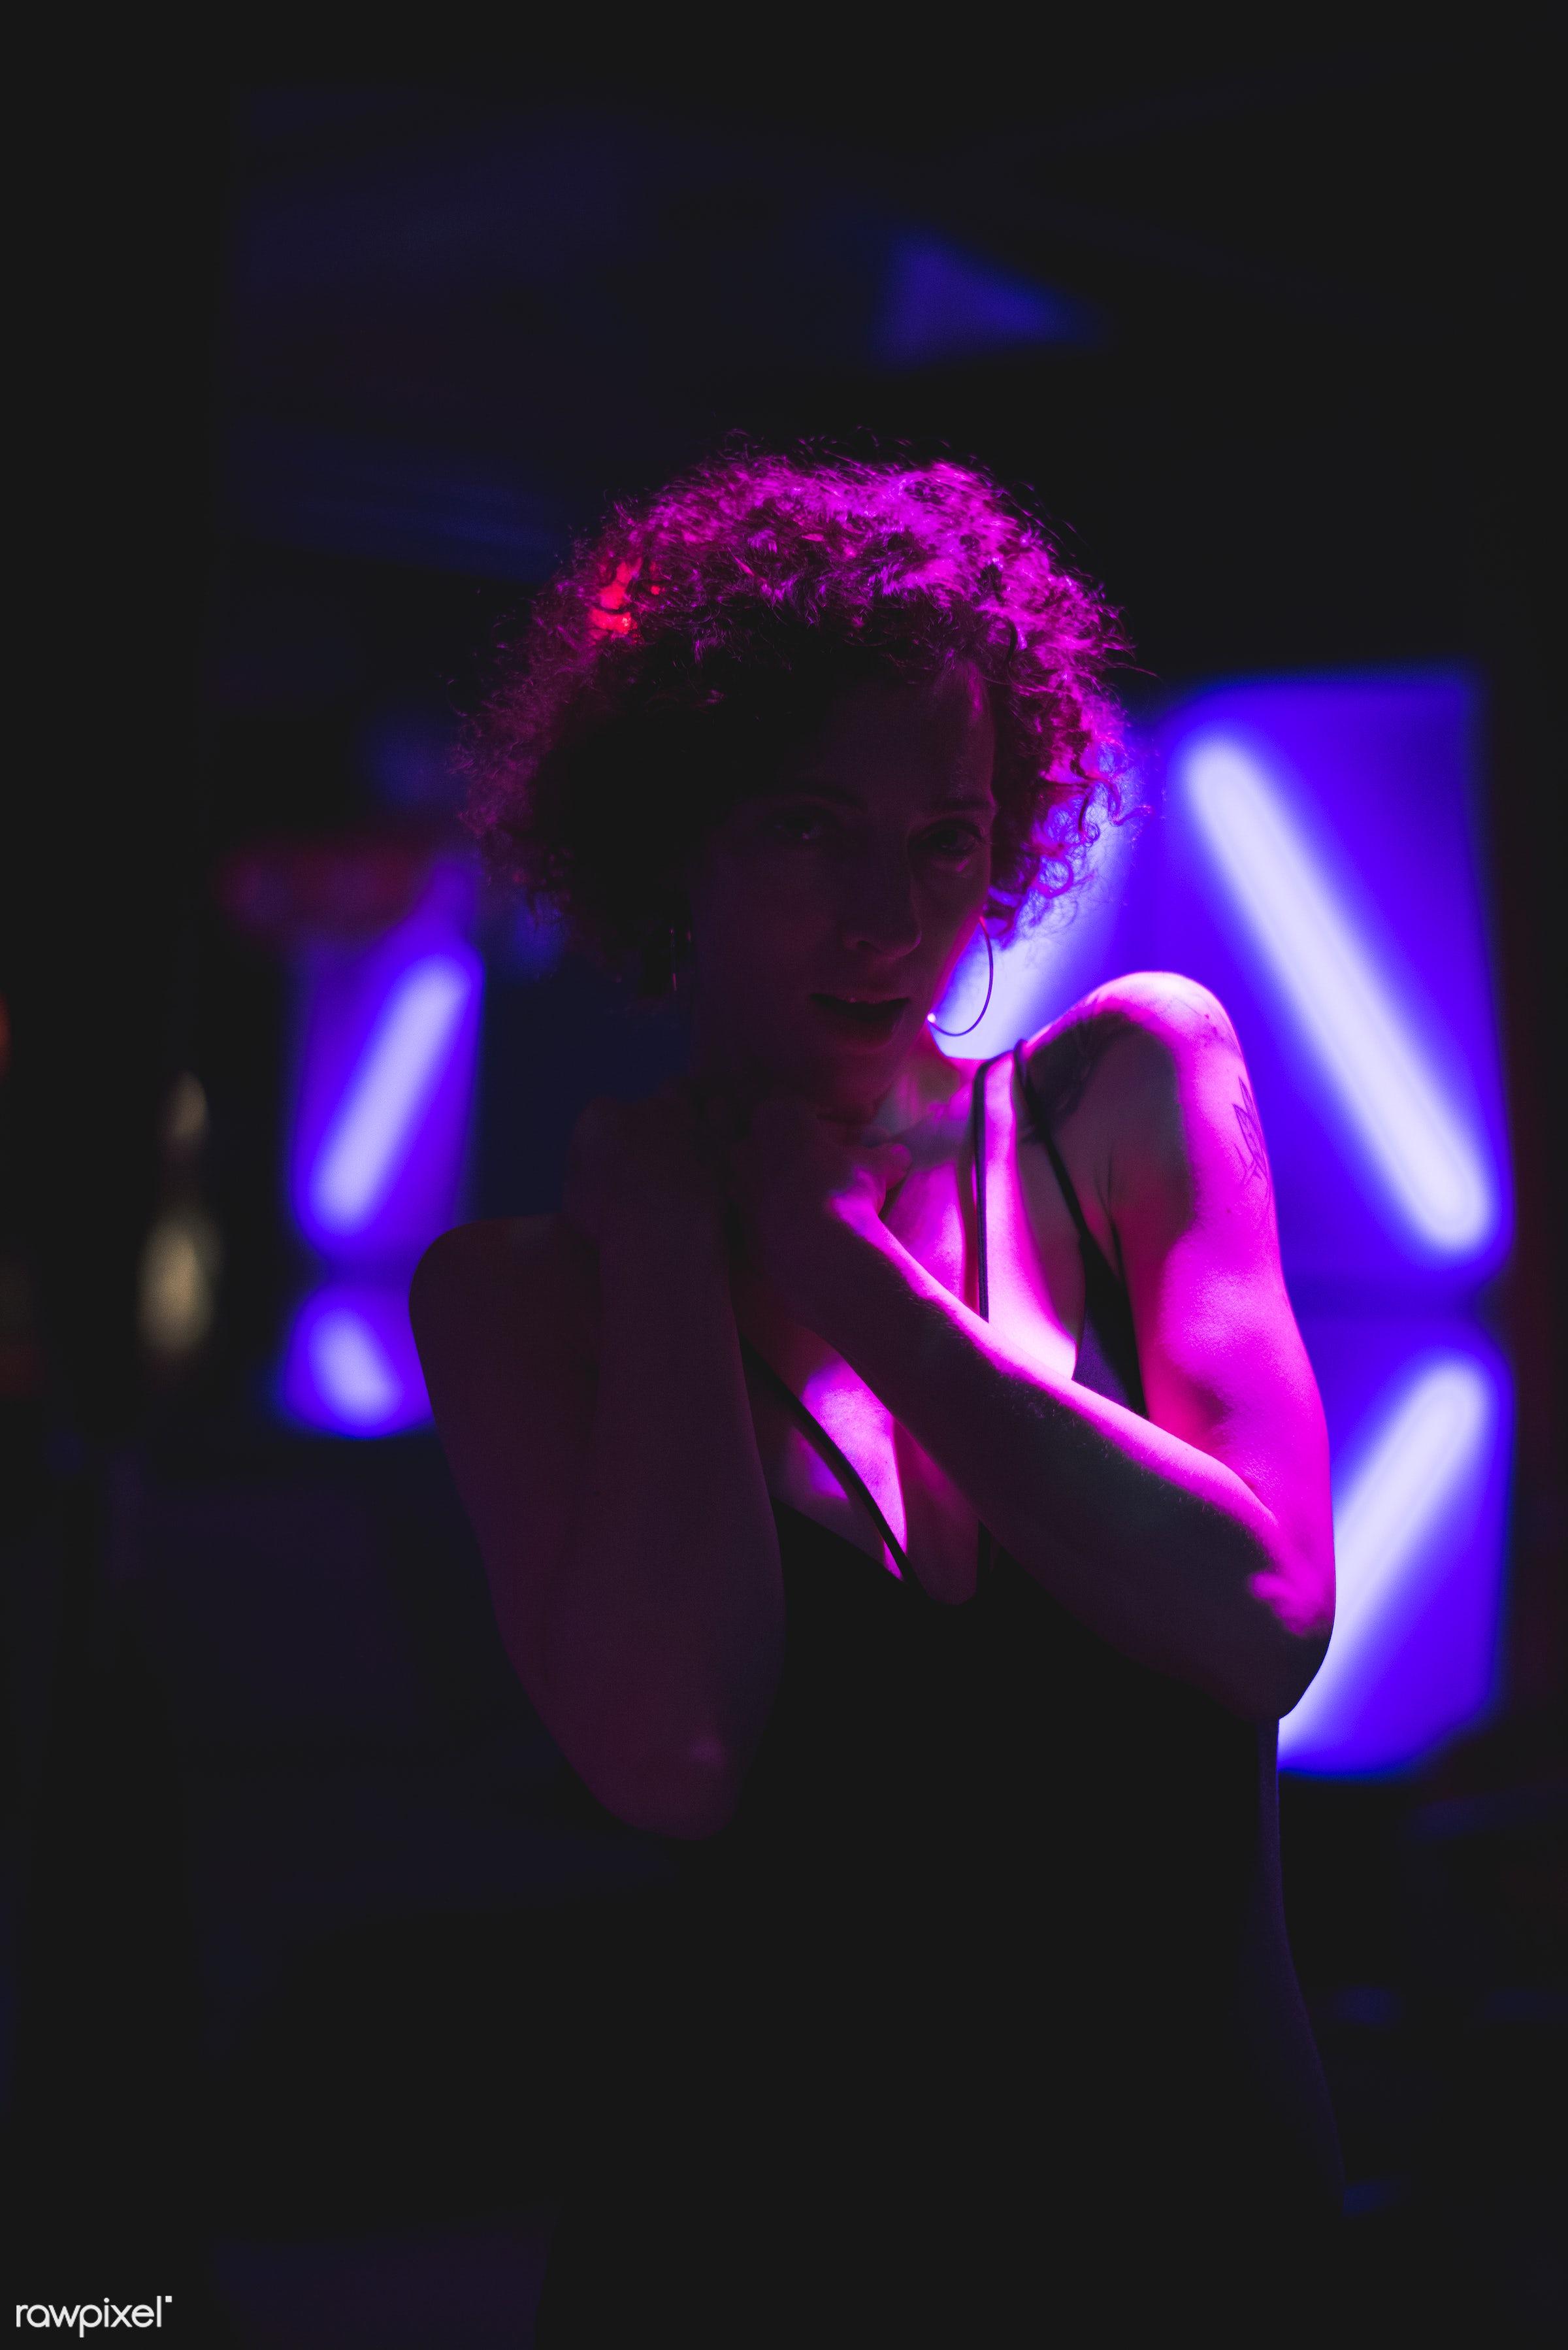 Portrait of a woman in a dark bar - alone, bar, caucasian, club, clubbing, curly hair, dark, lifestyle, night, night life,...